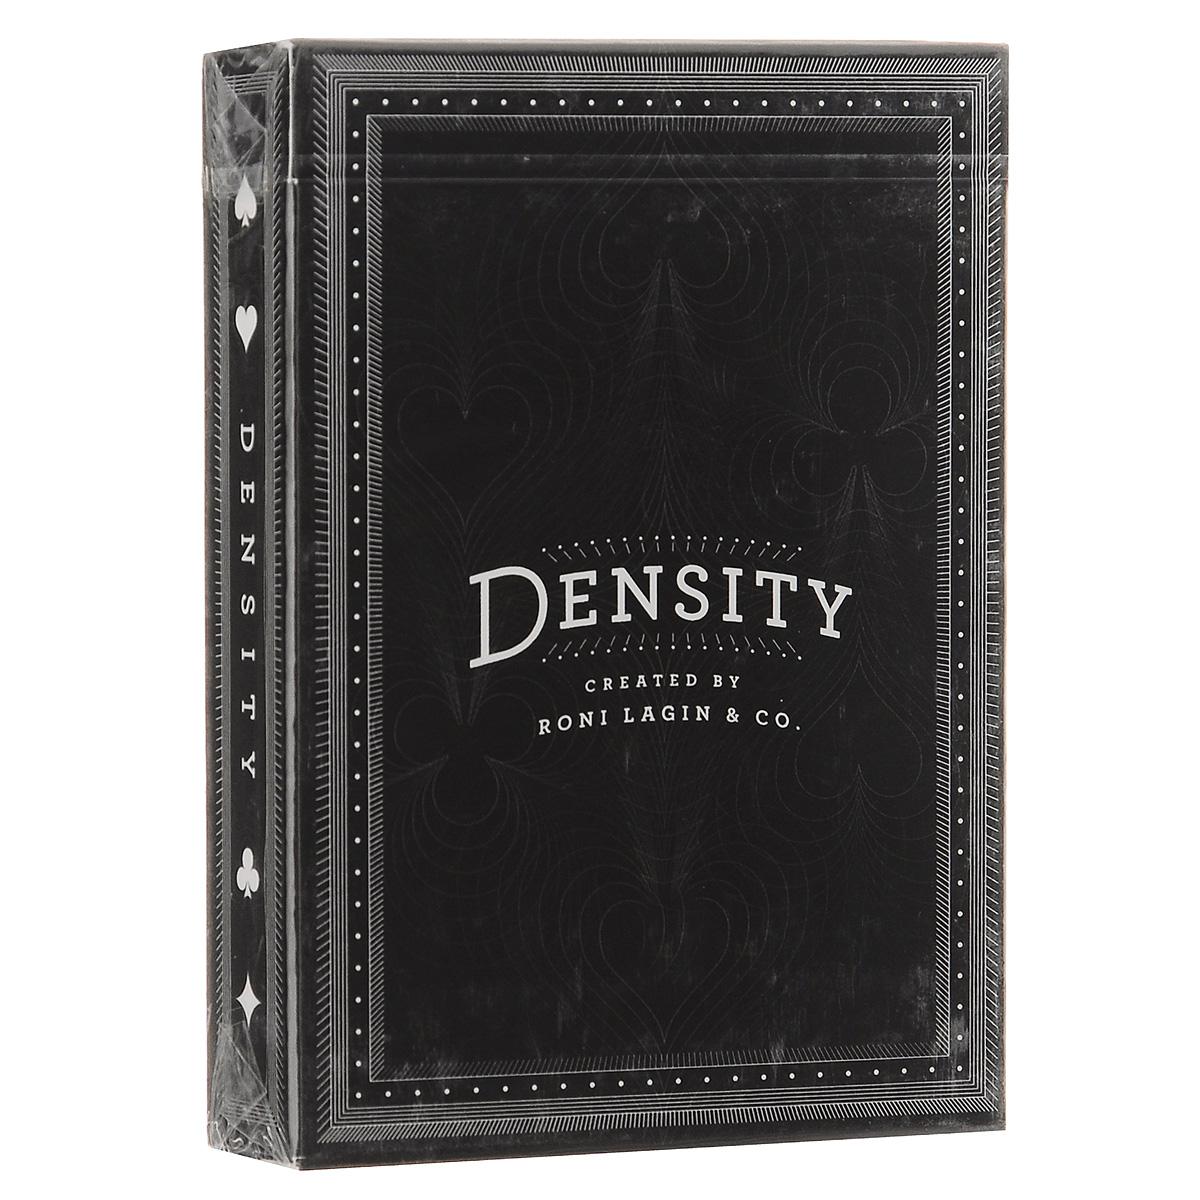 Игральные карты Bicycle Density, цвет: черный, 52 штК-327Колода игральных карт Density - ограниченный выпуск дизайнерской колоды, построенной на пересечении фигур и линий. Мелкие детали, тонкие линии, уникальные карты - эта колода непременно заинтересует игроков, коллекционеров, фокусников и энтузиастов карточного дела. В колоде 52 игральных карты, два Джокера и карточная коробка.